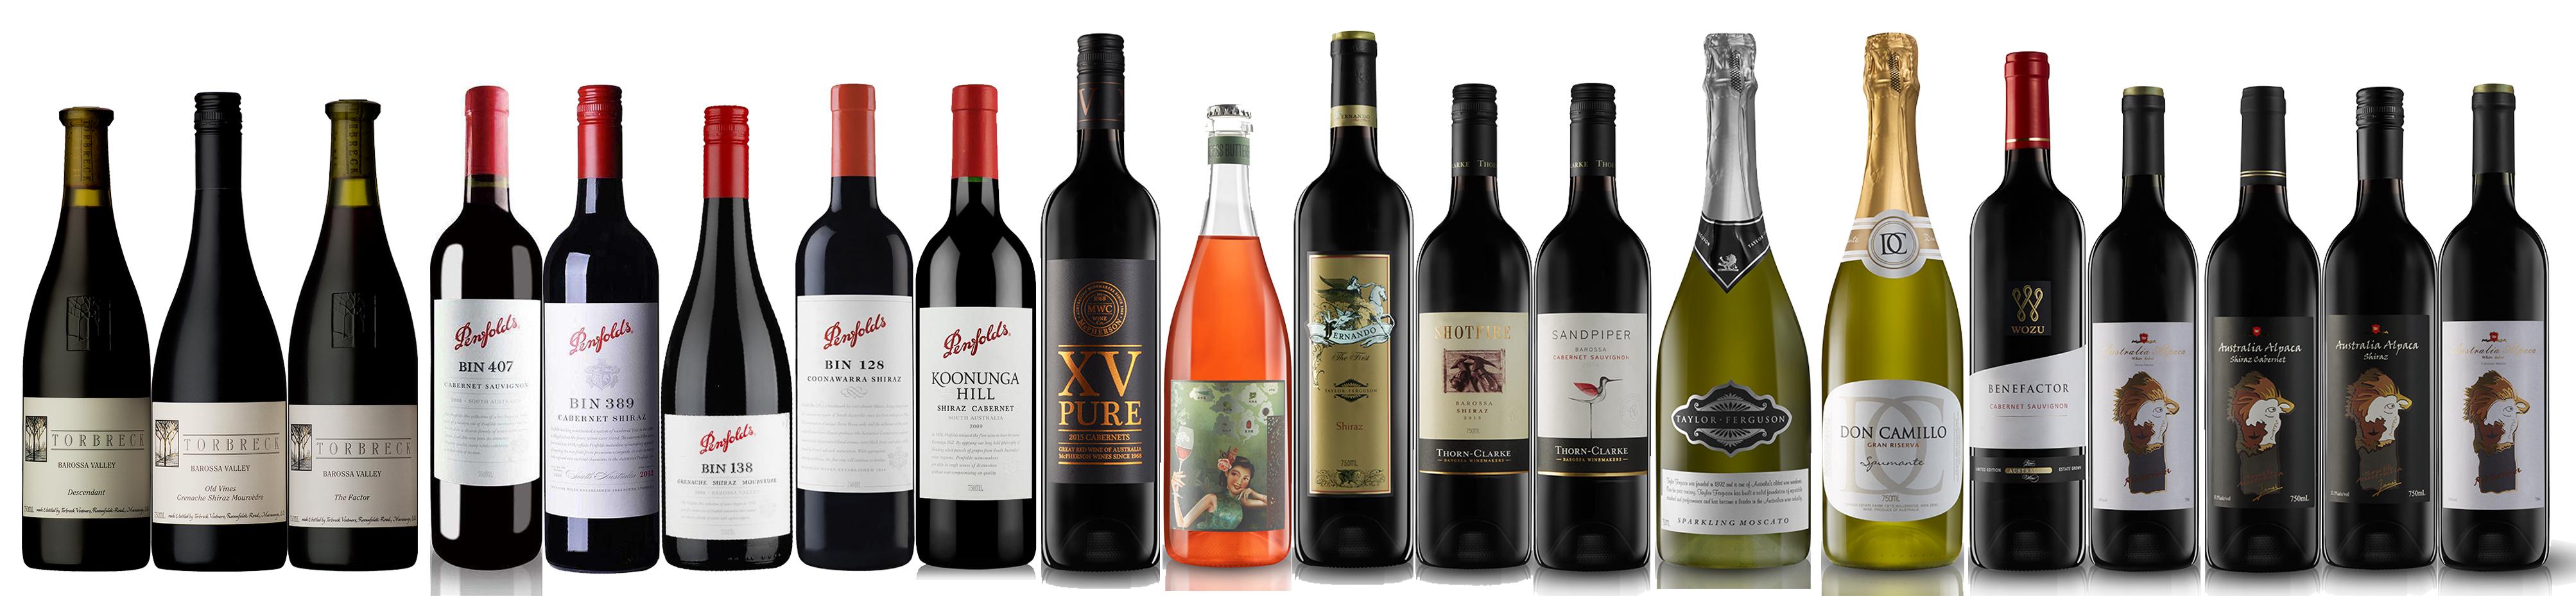 澳纽汇酒业系列产品